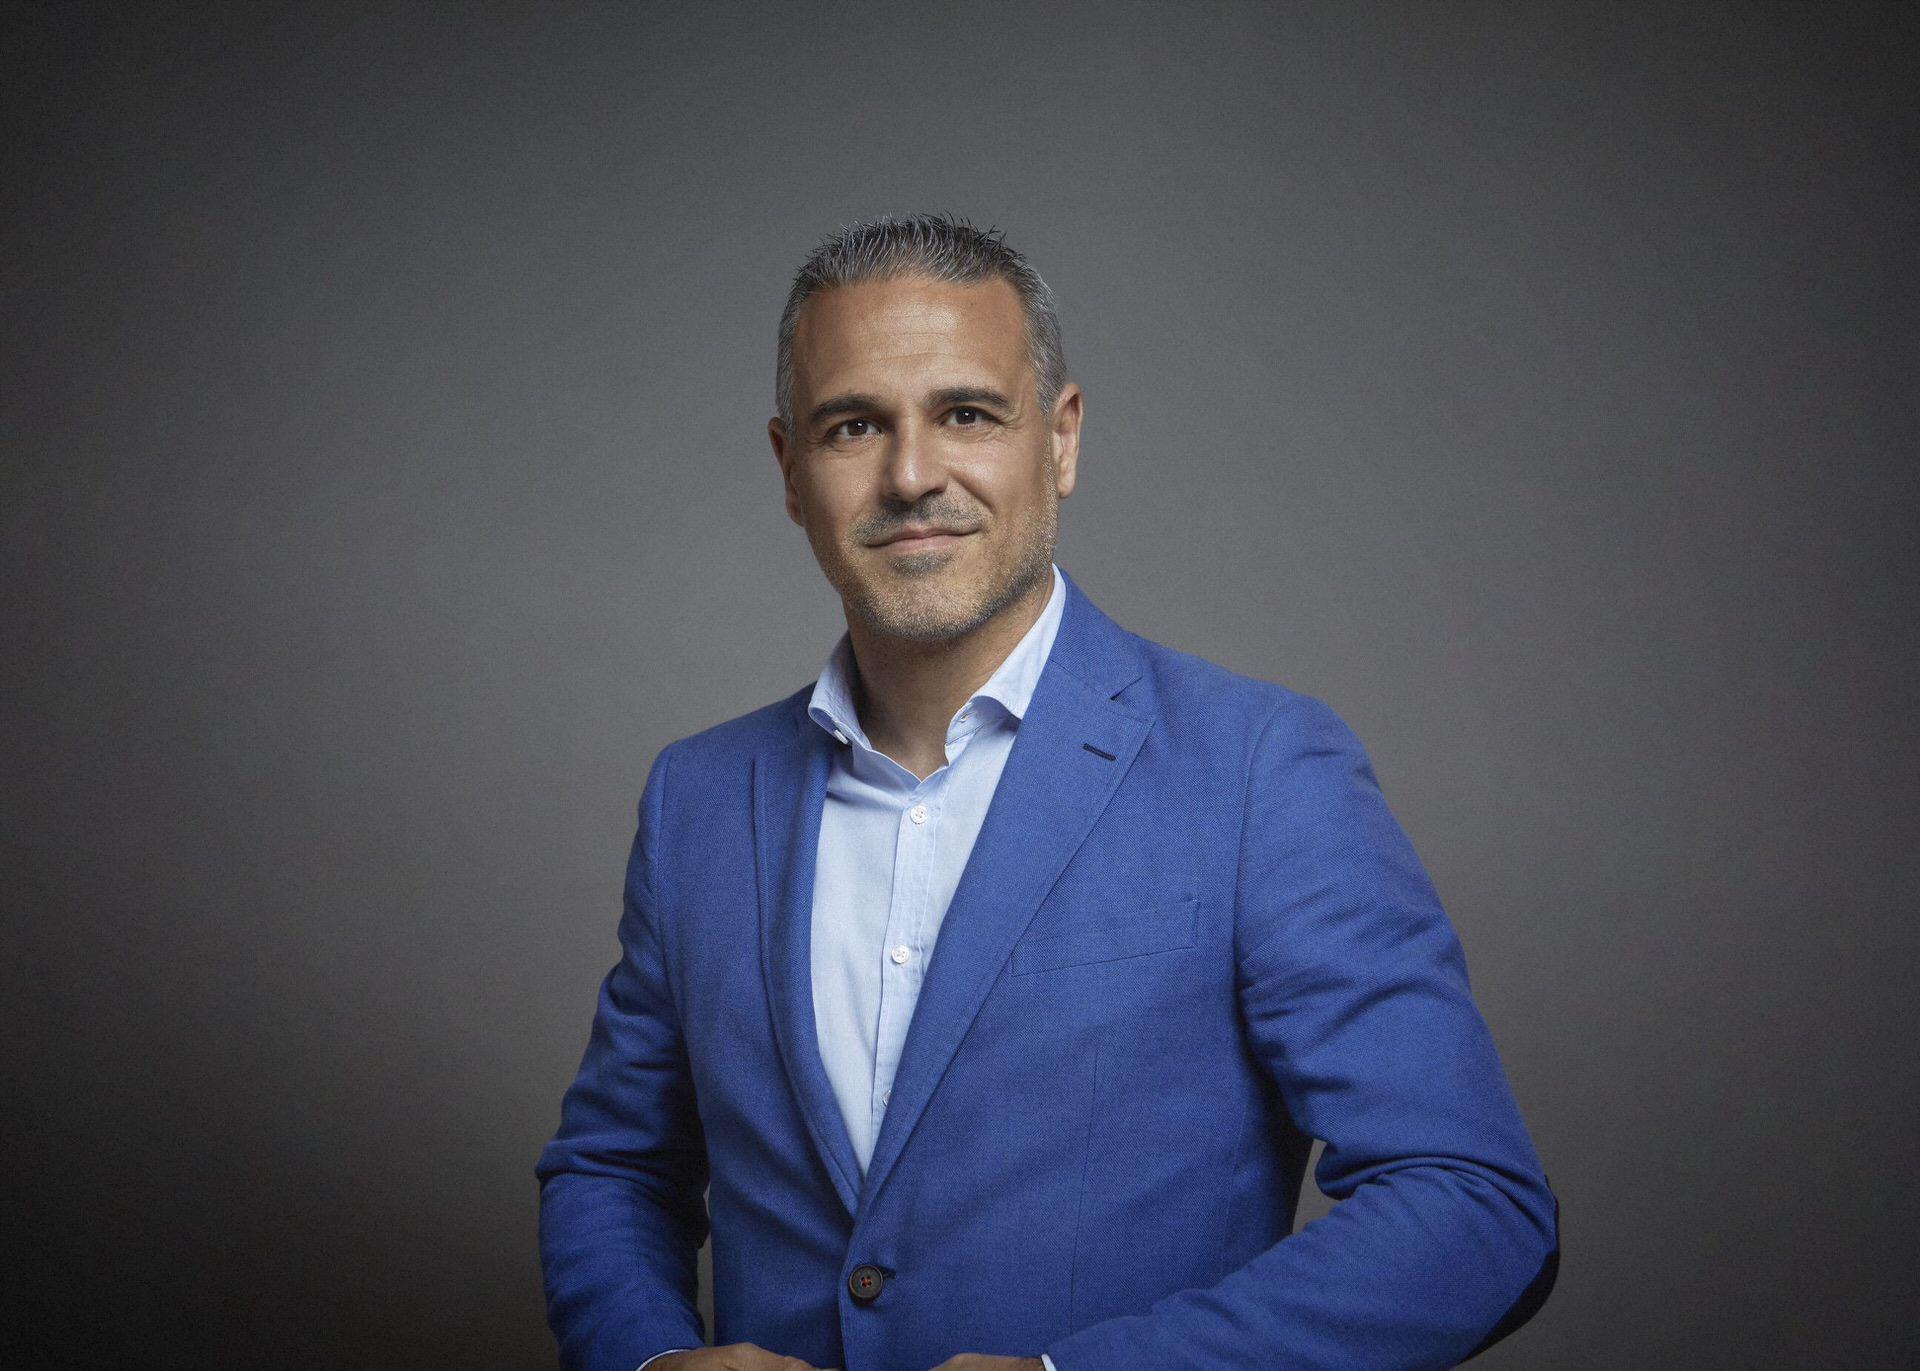 Corporate location portrait of Carlos Ortega, Regional Managing Director of Launchmetrics